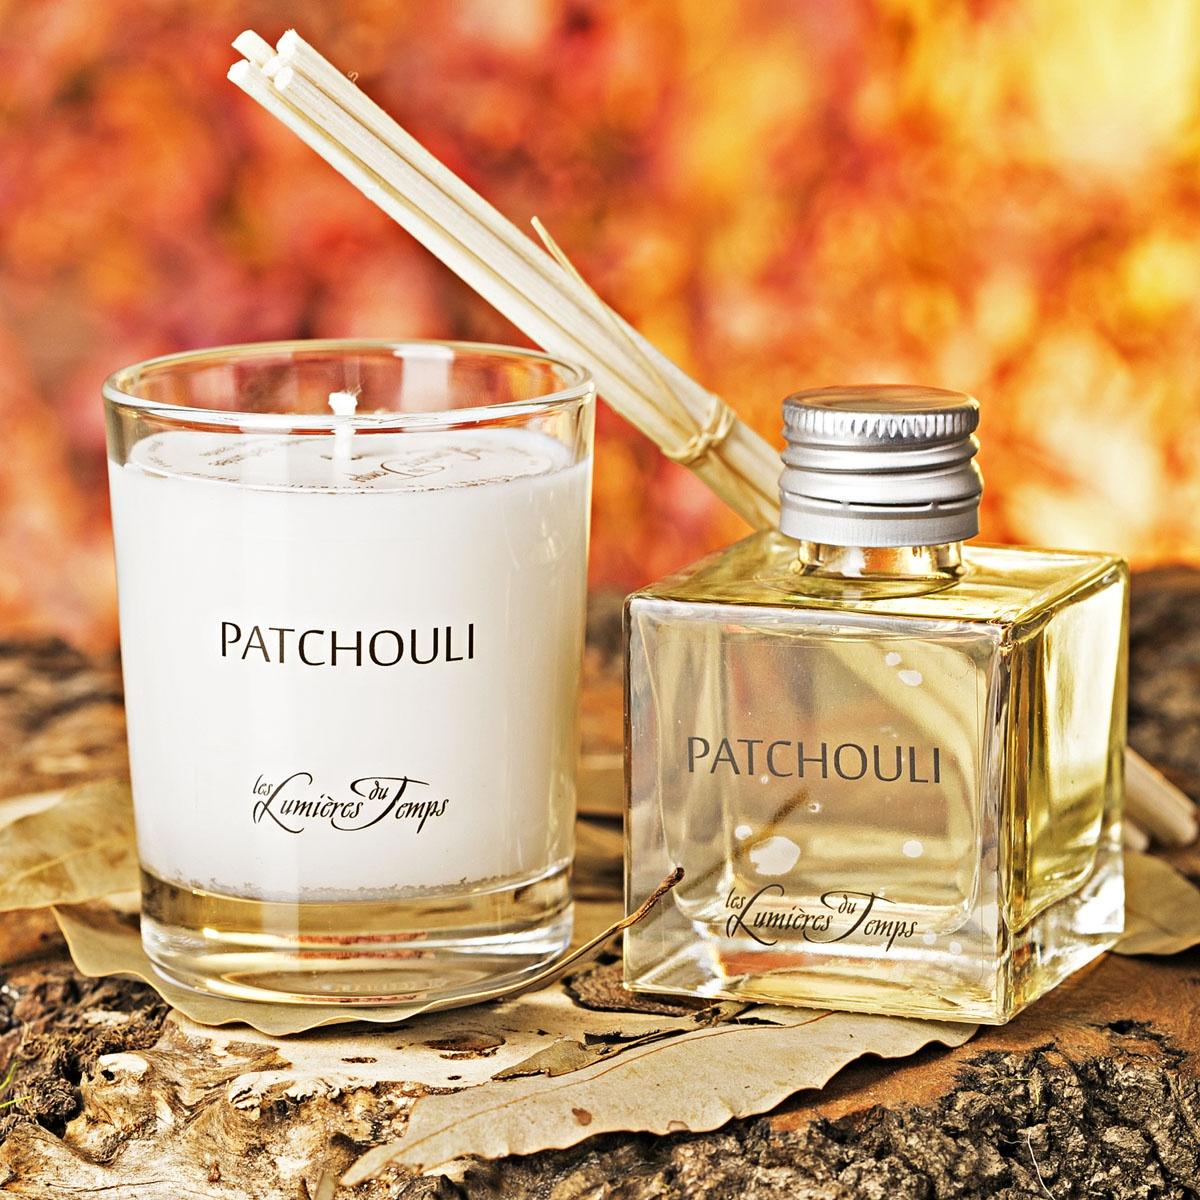 Подарочный набор Les Lumieres du Temps Пачули: аромадиффузор, 50 мл + ароматическая восковая свеча, 90 г + тростниковые палочкиCOF1 PAPATCHOULI / ПАЧУЛИ (шоколад — ваниль — пачули ) Эта королева ароматов обладает сильным характером, с древесными камфорными нотками и загадочной гвоздикой.В подарочный набор входят: аромадиффузор (50 мл), ароматическая восковая свеча (90 гр), тростниковые палочки, деревянная коробочка, декоративные наполнители.Во главу всего фабрика LUMIERE ставит ремесленное ручное производство, использование первичных материалов исключительно высшего качества (растительный воск, эссенции из Грааса, фитили из хлопка, БЕЗСПИРТОВЫЕ диффузоры). Ассортимент ароматов насчитывает более 60 уникальных вариантов!Благодаря воску натурального происхождения, свечи при горении не дымят и не оставляют копоть.